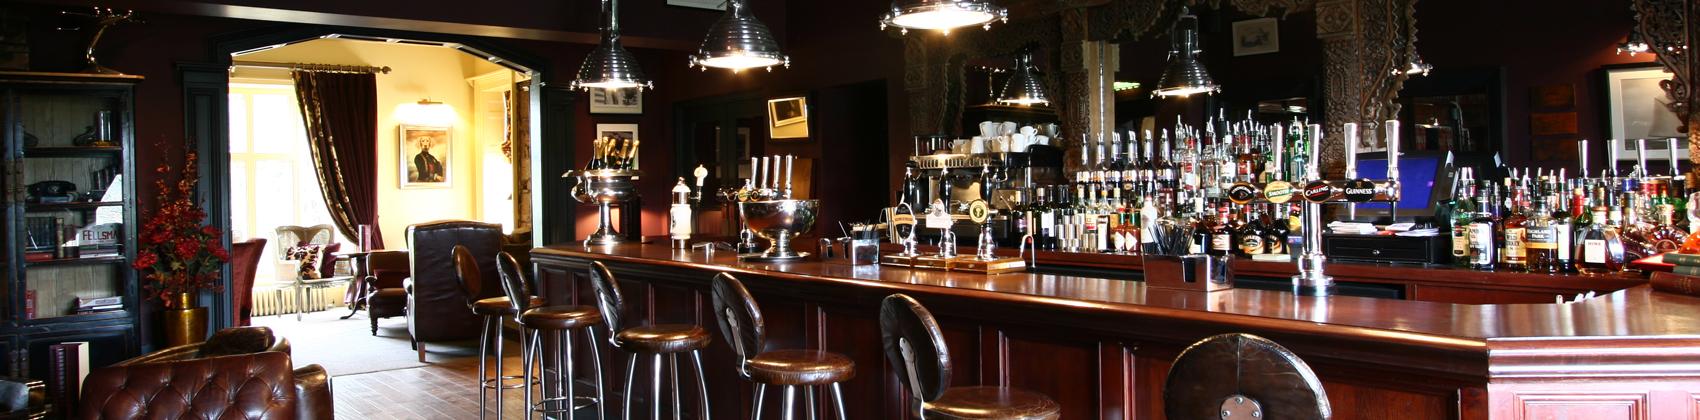 Boutique Hotel Restaurant Bar